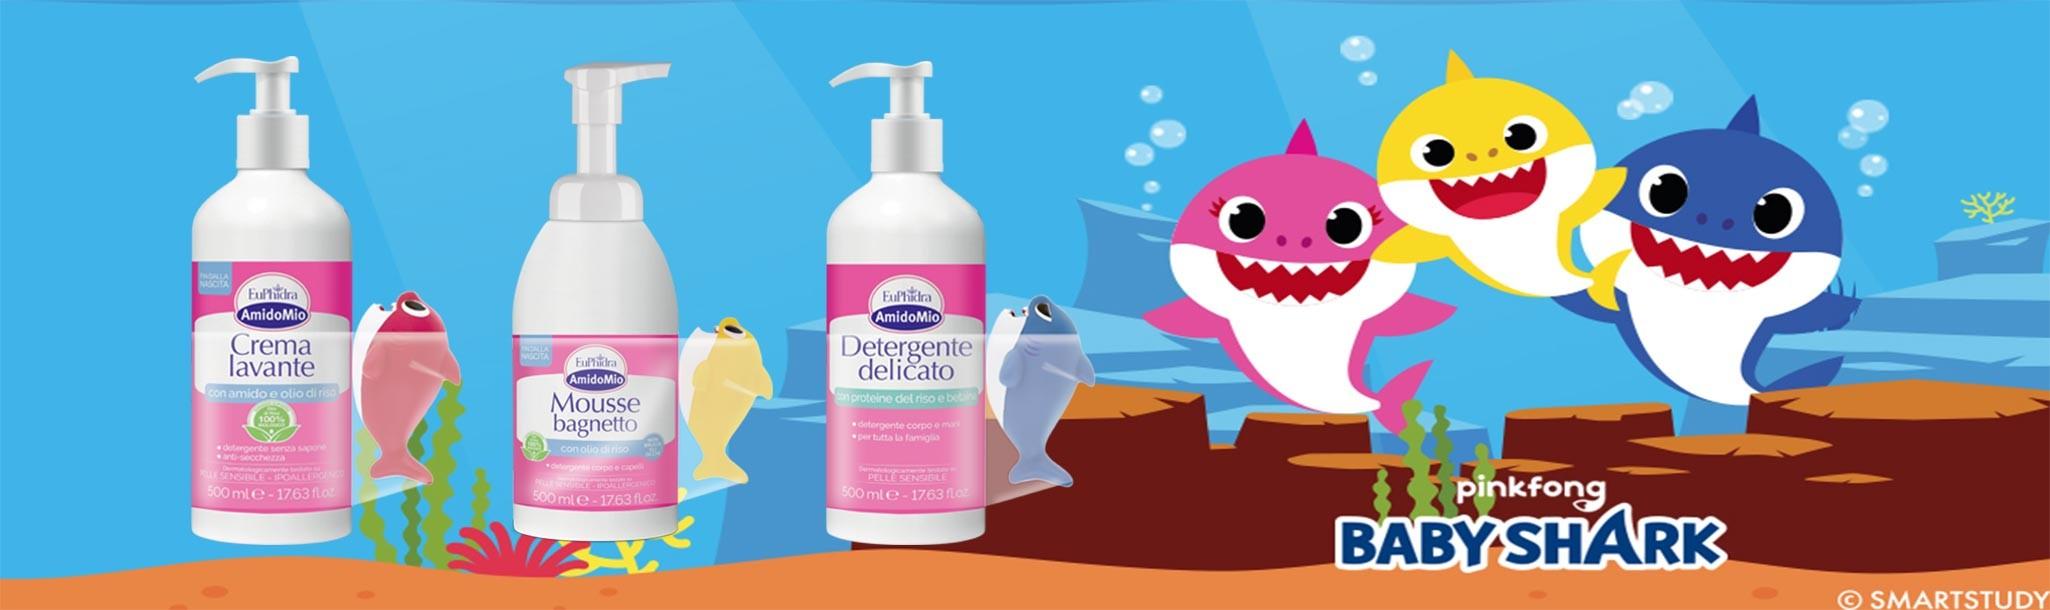 Euphidra AmidoMio regala gli originali spruzzini Baby Shark per giocare con i vostri bambini o trasformare il bagnetto in un momento di allegria.